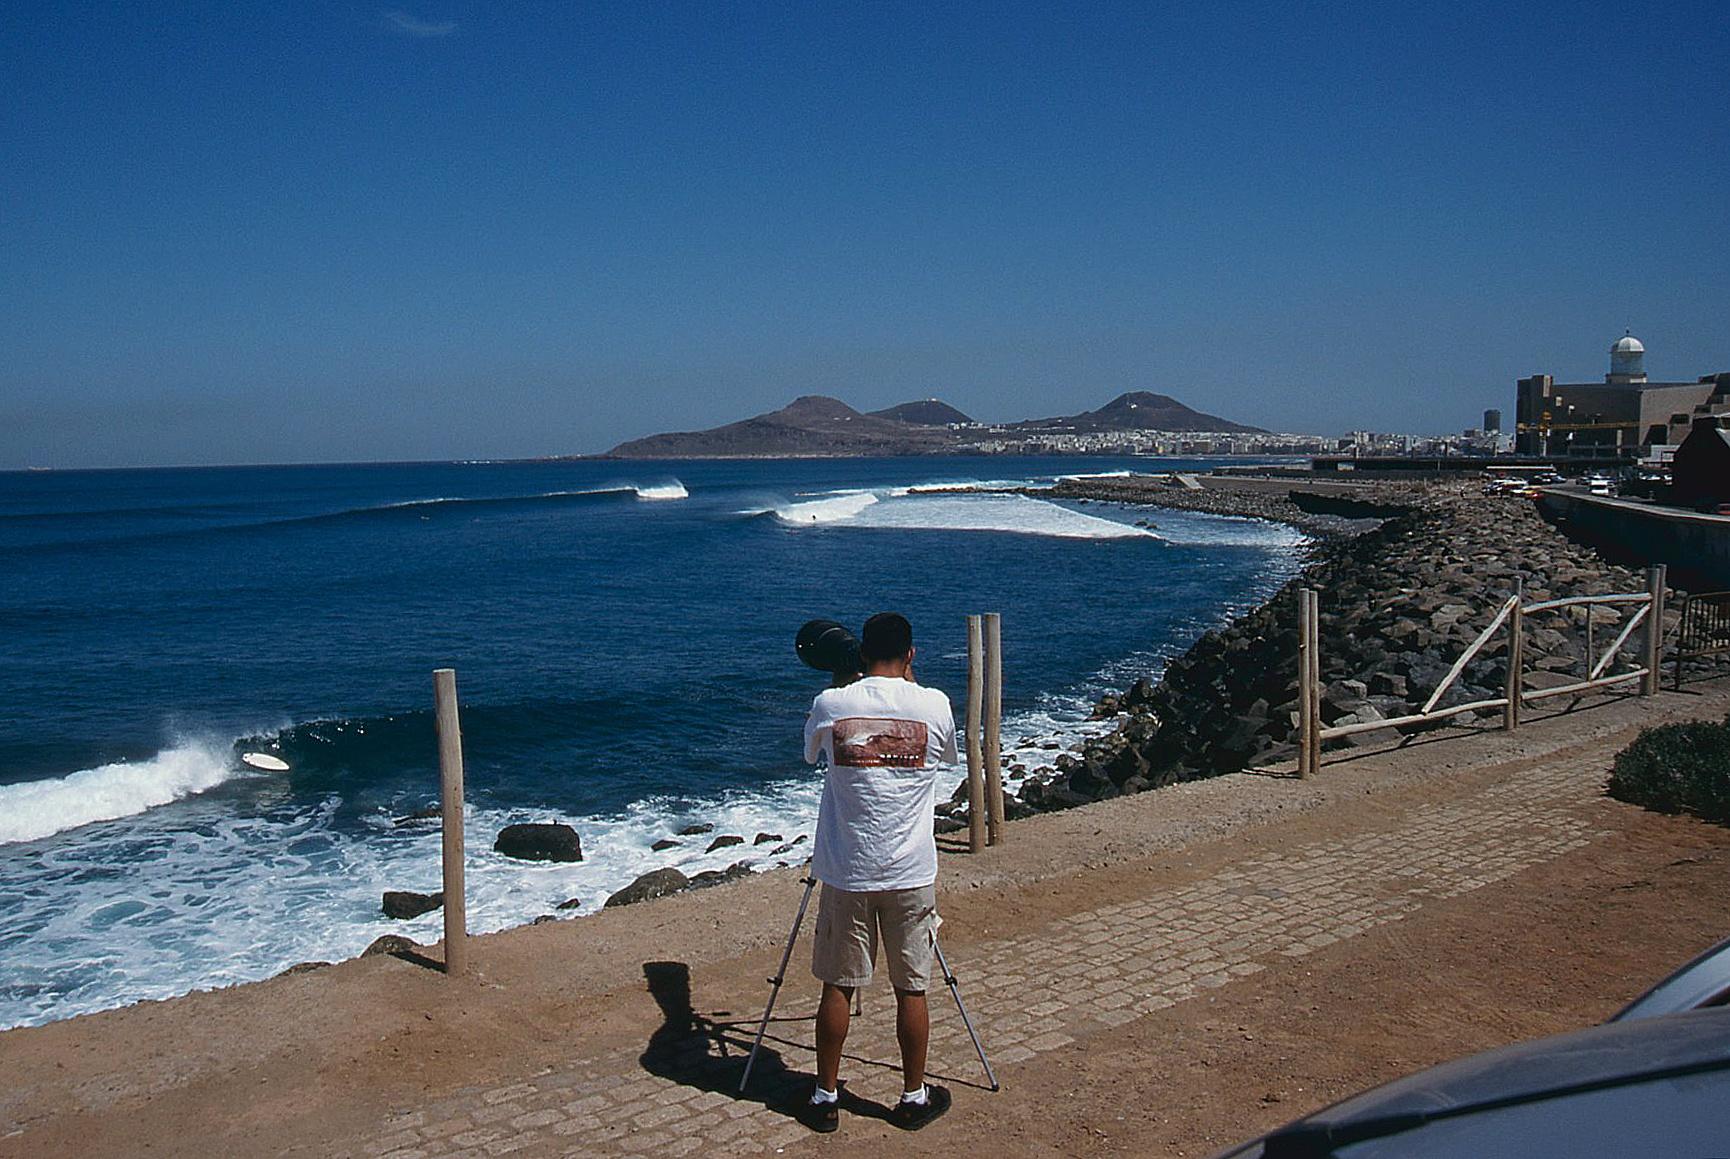 El Lloret. Gran Canaria. Foto _ MAGT / Radical Surf Mag - Behind the lens - JOSE V. GLEZ